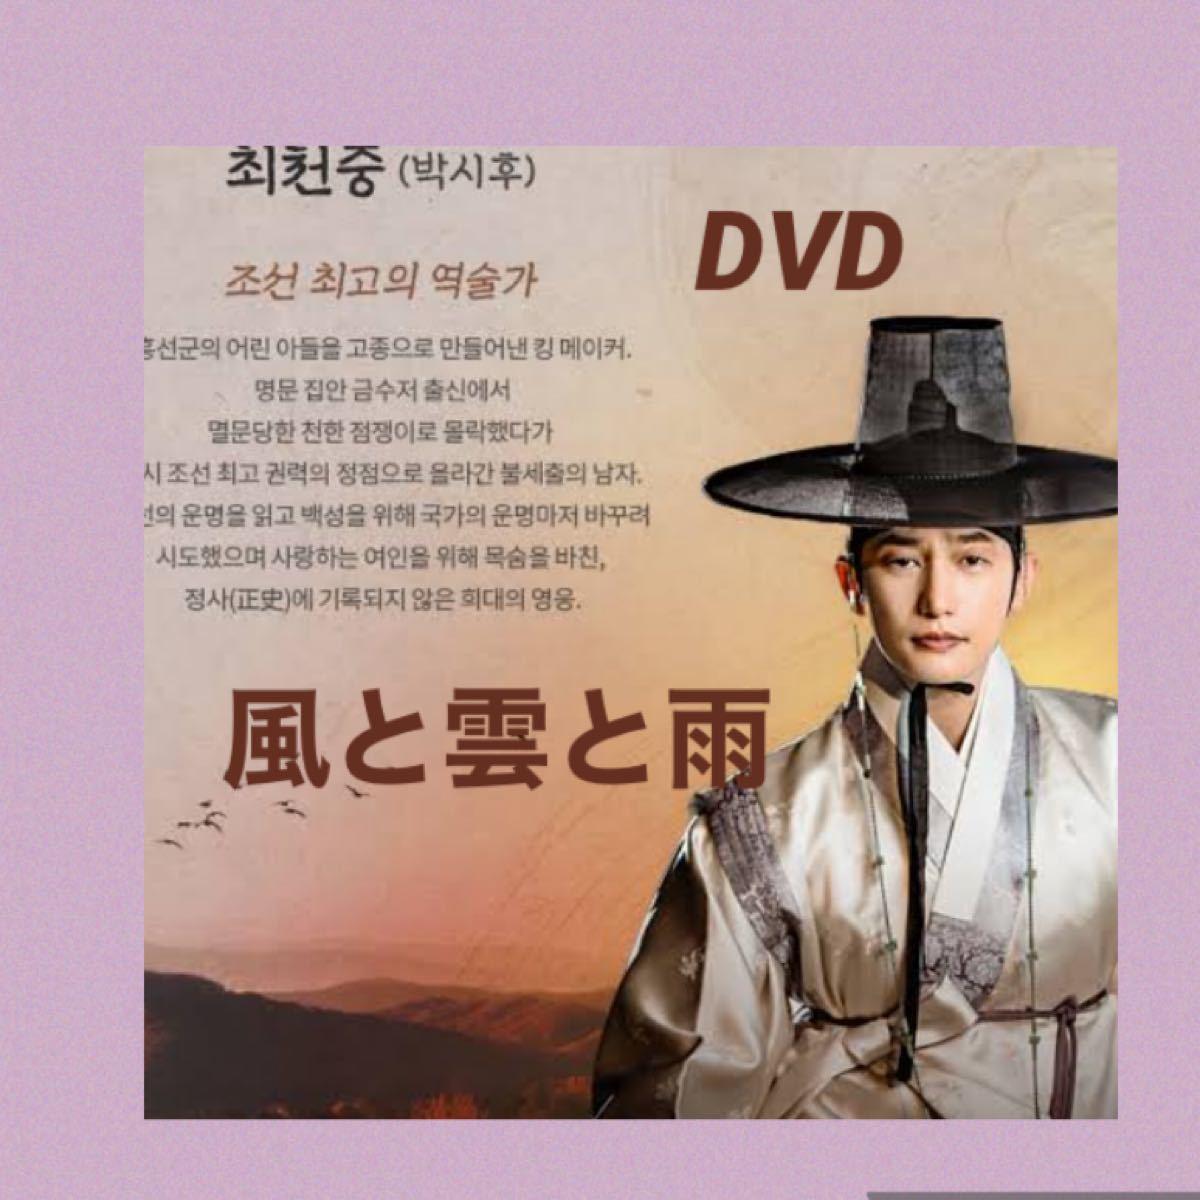 韓国ドラマ 風と雲と雨 DVD全話【レーベル印刷あり】